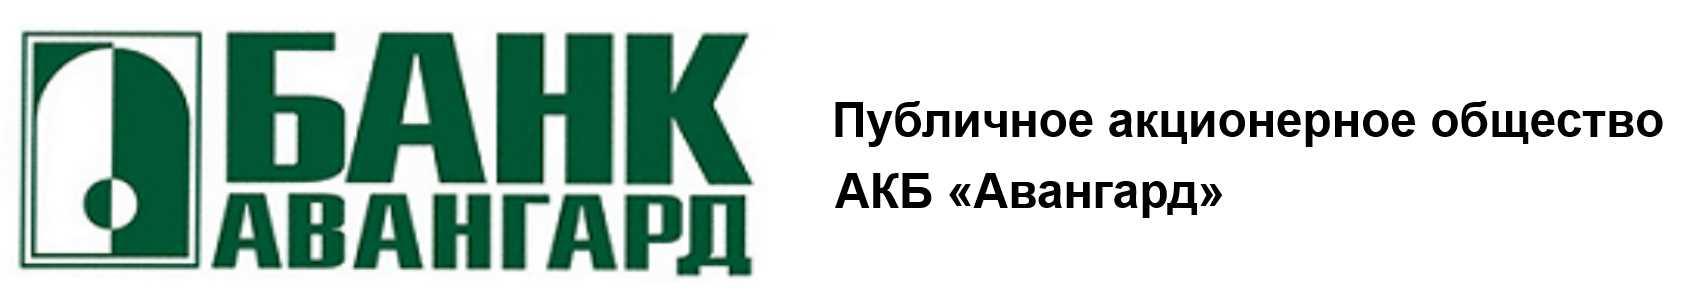 АКБ «Авангард»